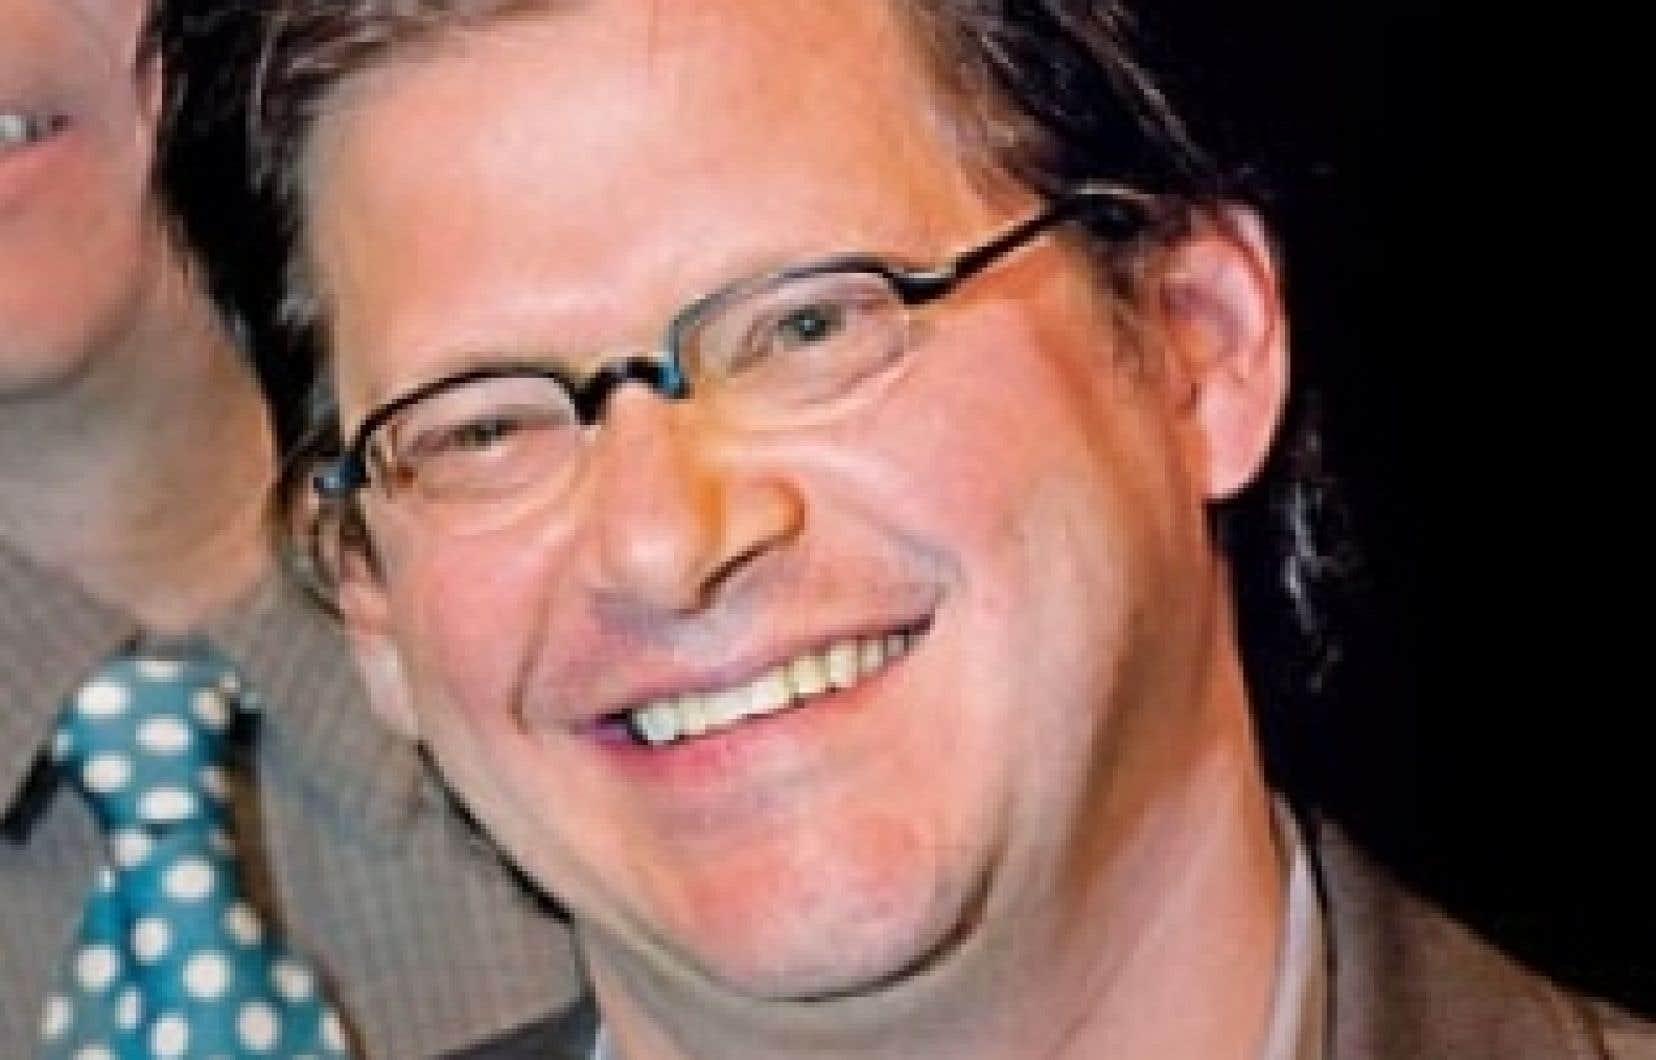 Le comédien et metteur en scène Dominic Champagne soutient que «beaucoup de libéraux ne se reconnaissent plus» dans un parti «aujourd'hui dirigé par un conservateur».